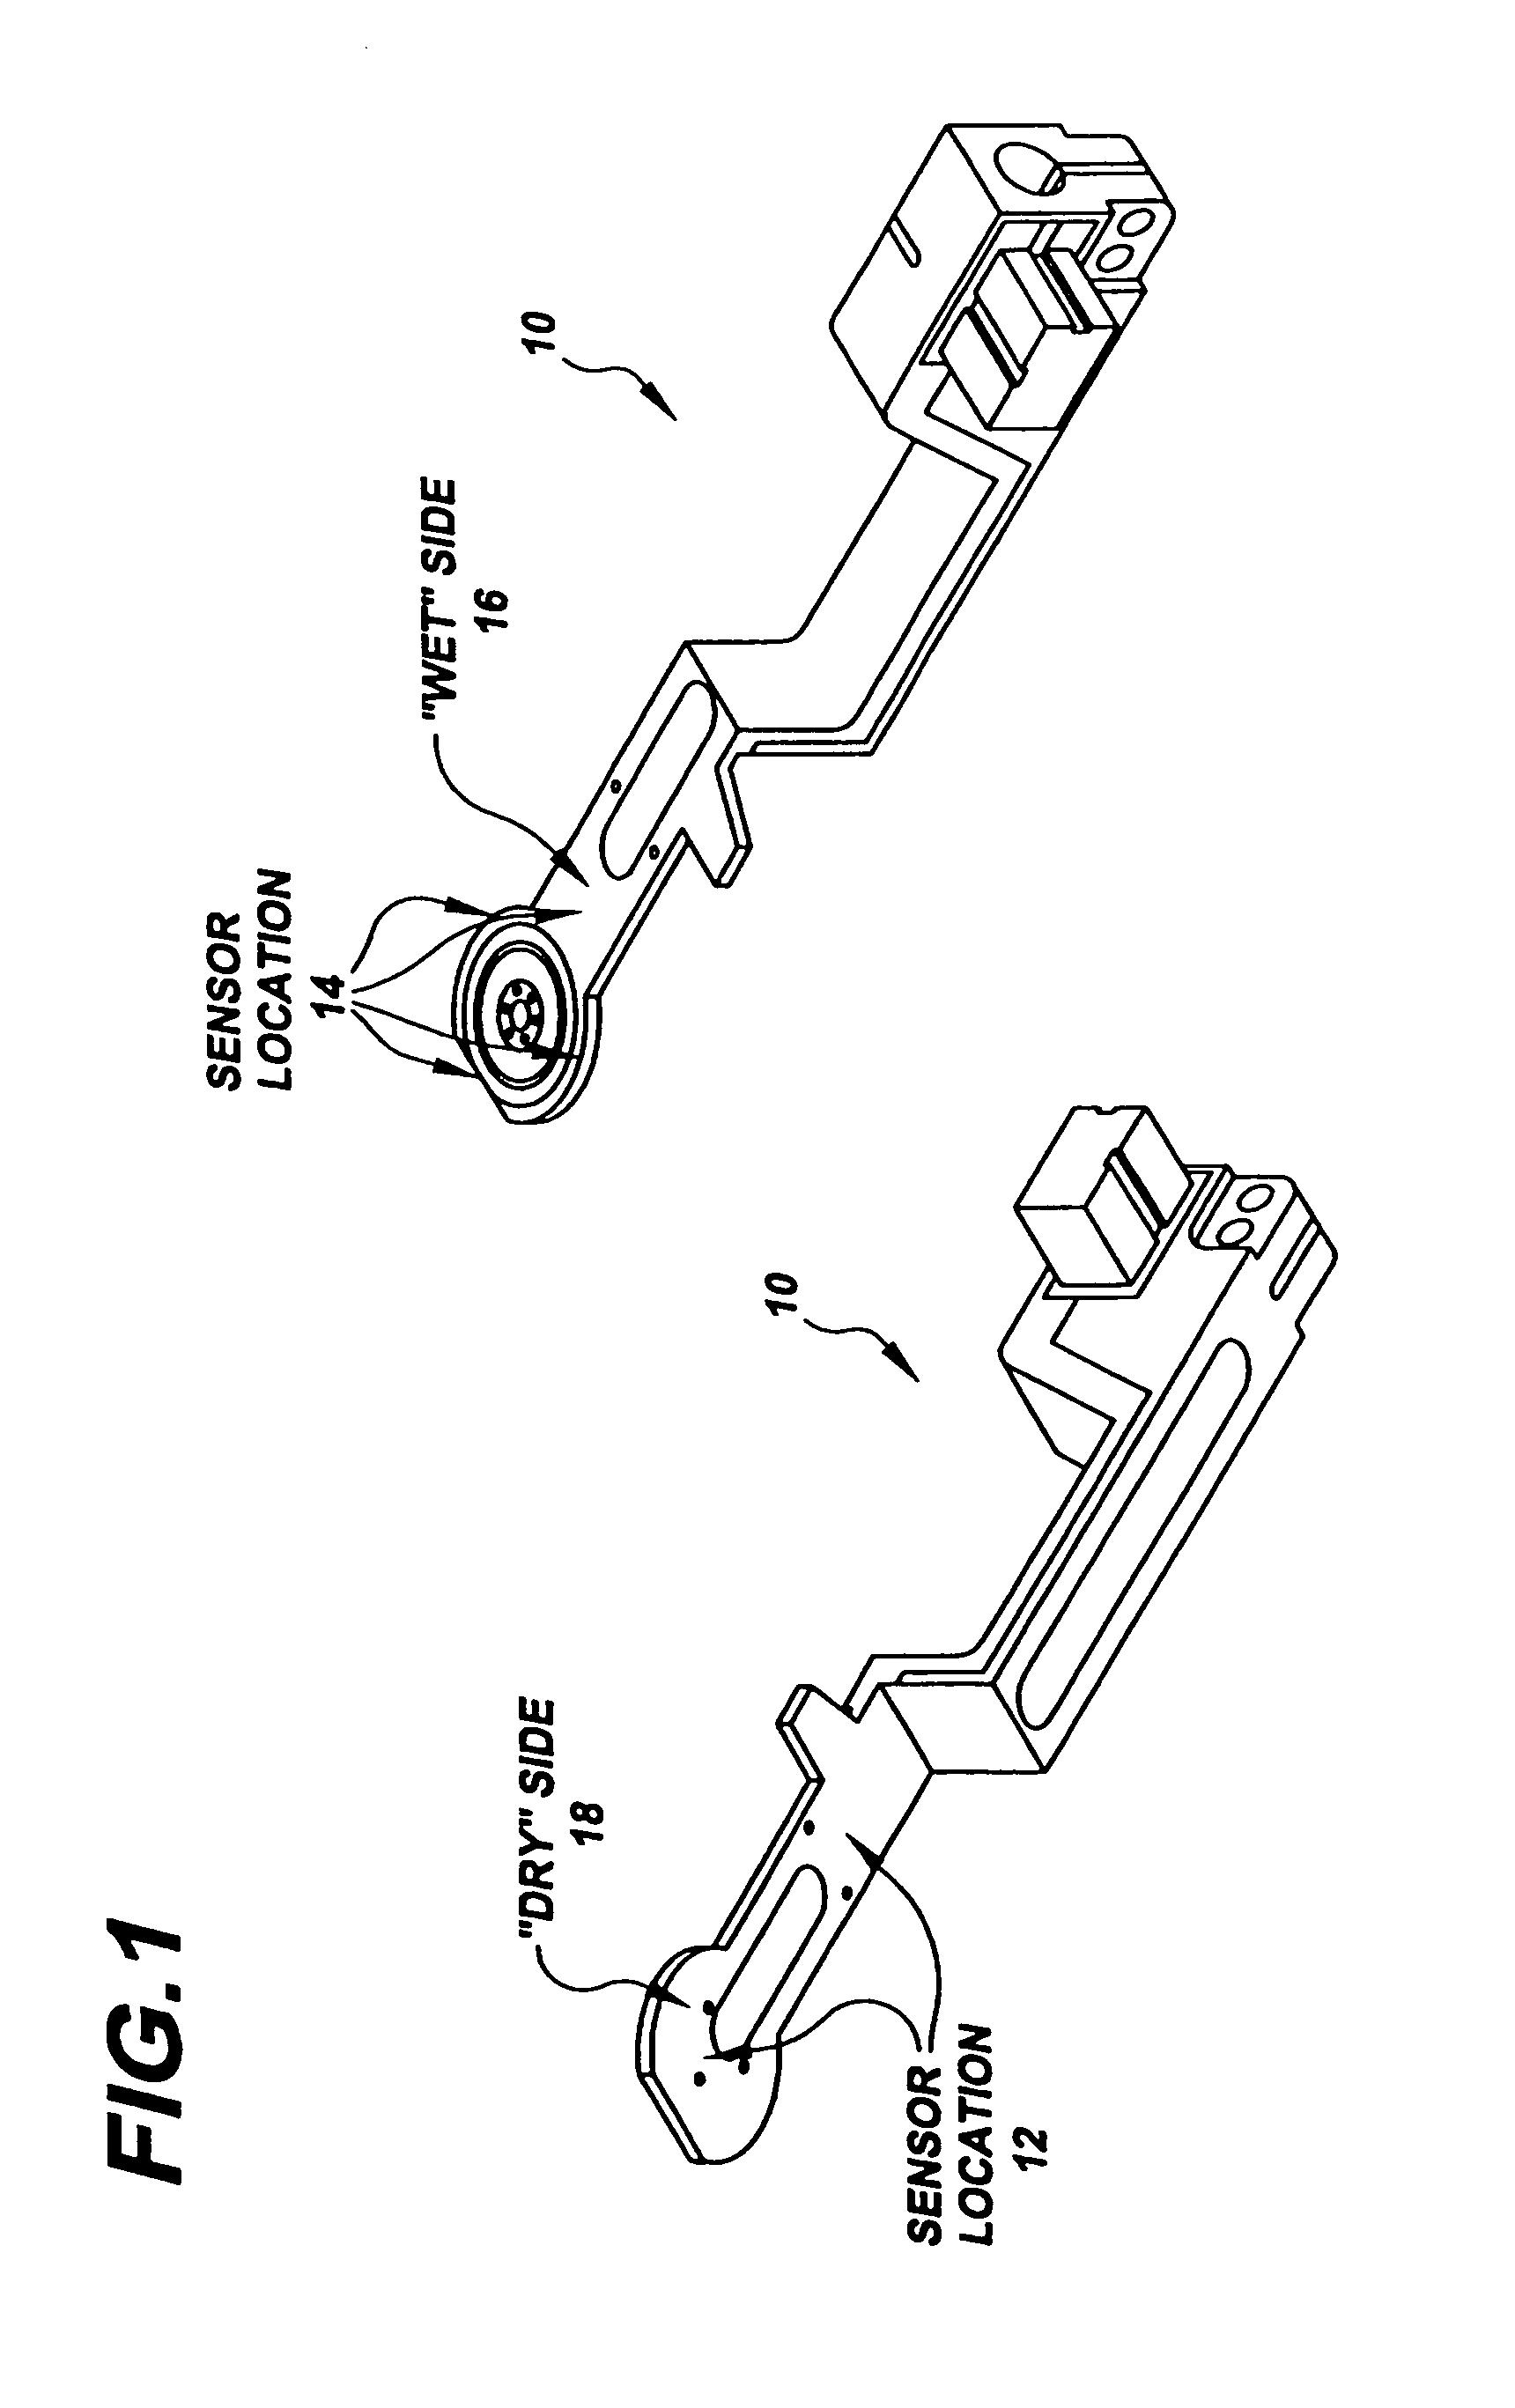 patent us7084466